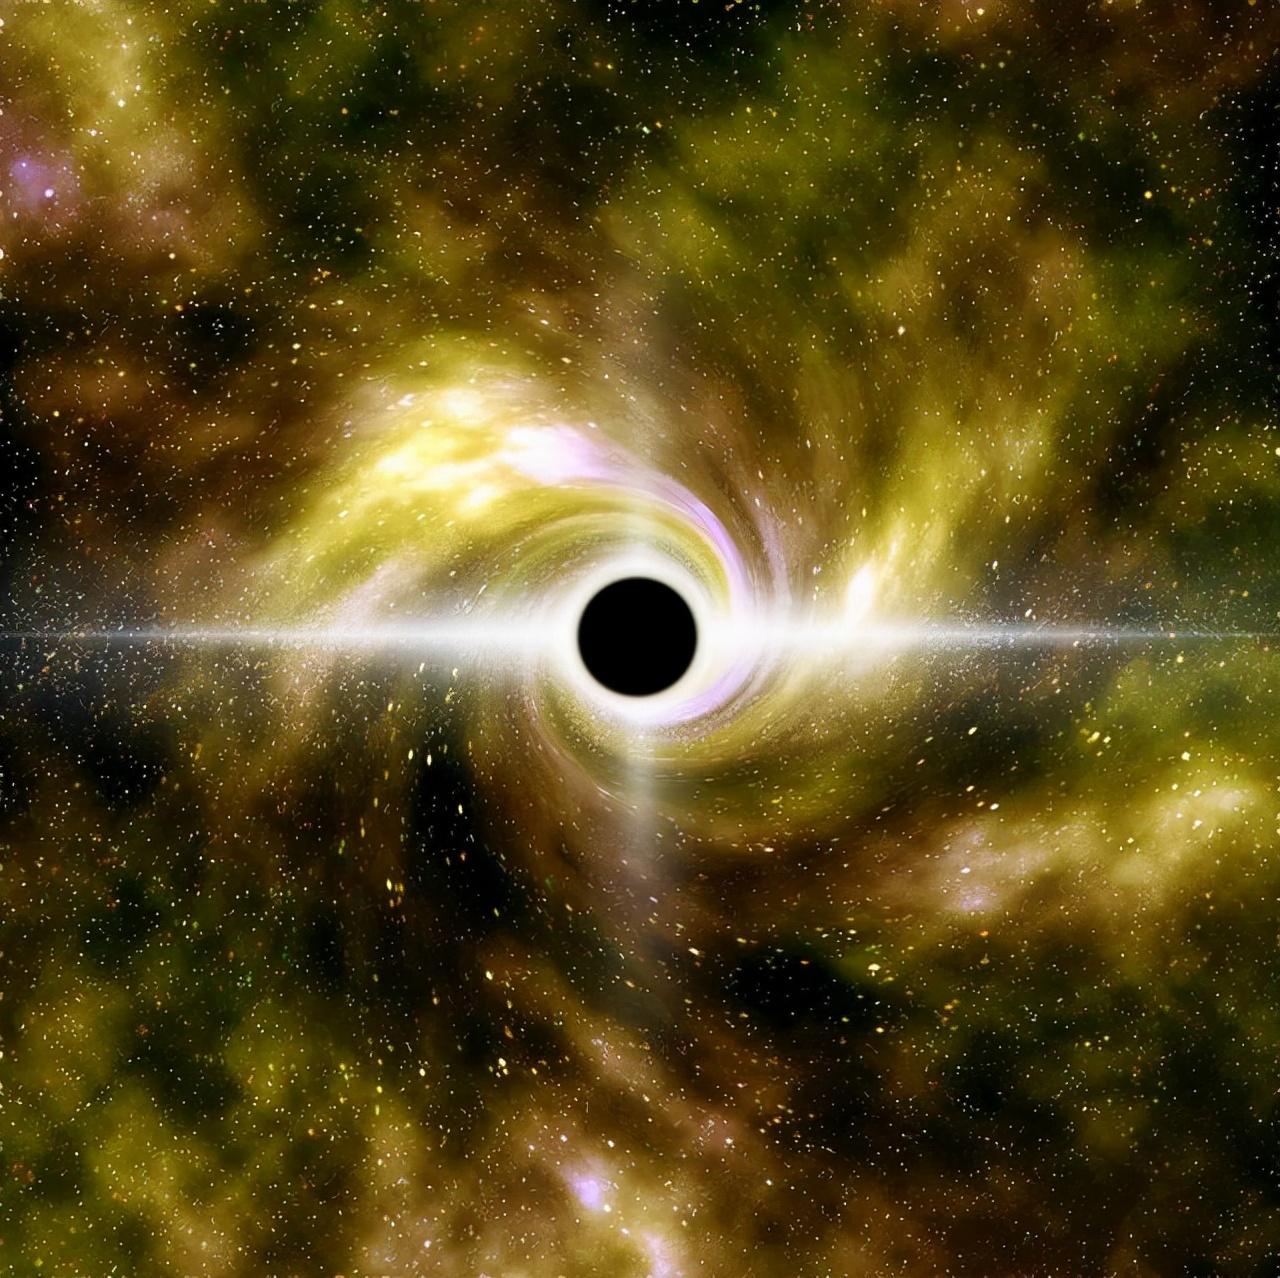 宇宙起源方式或將改寫?諾獎得主彭羅斯:宇宙在迴圈並找到了證據